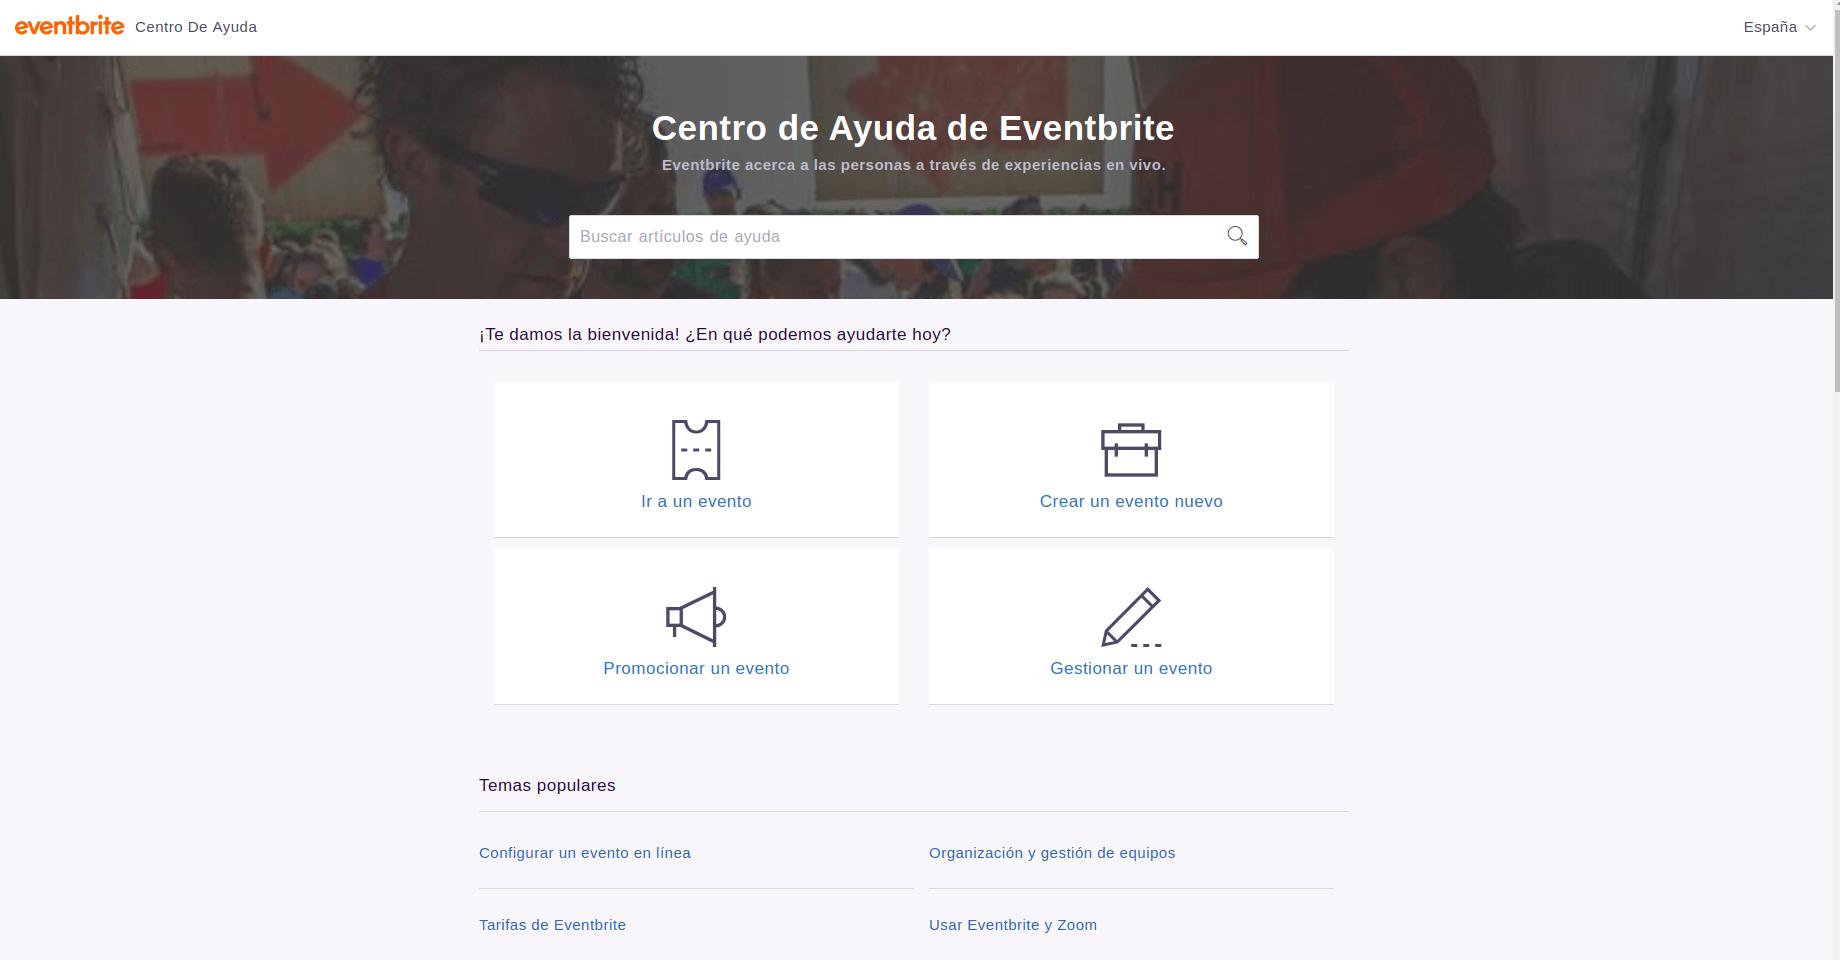 Eventbrite help center